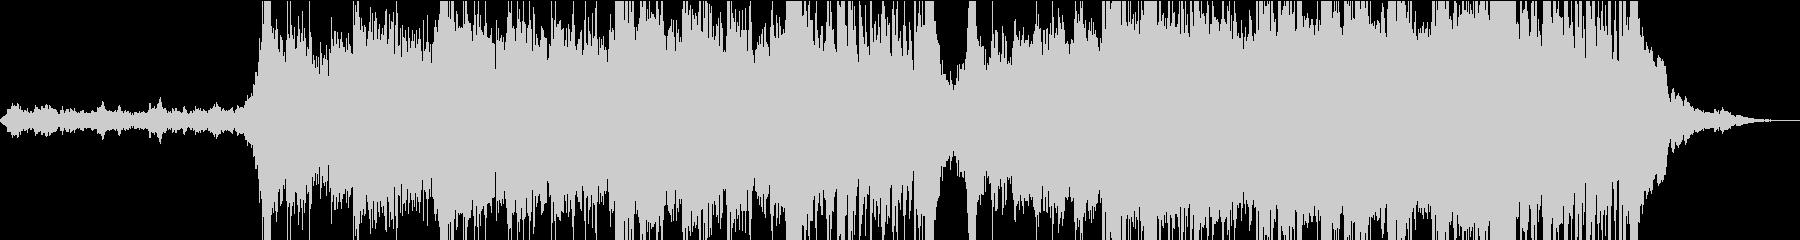 静寂の中から始まる壮大なオーケストラの未再生の波形